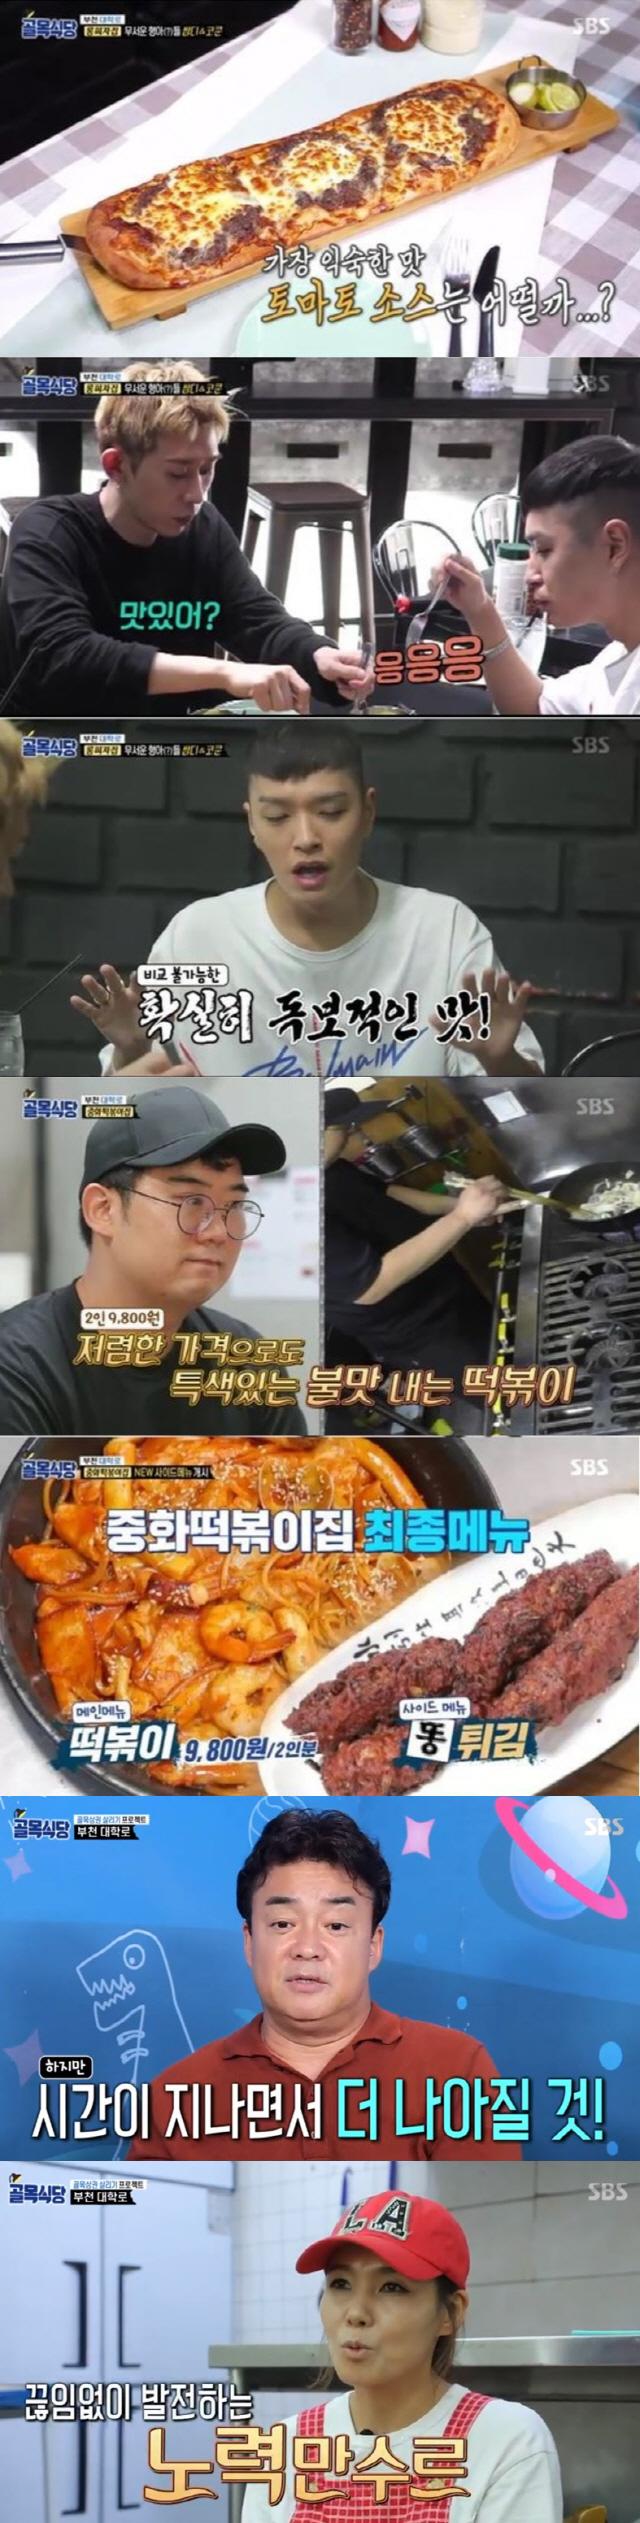 '백종원의 골목식당' 부천 대학로 마지막 편, 굳건한 '동시간대 1위'